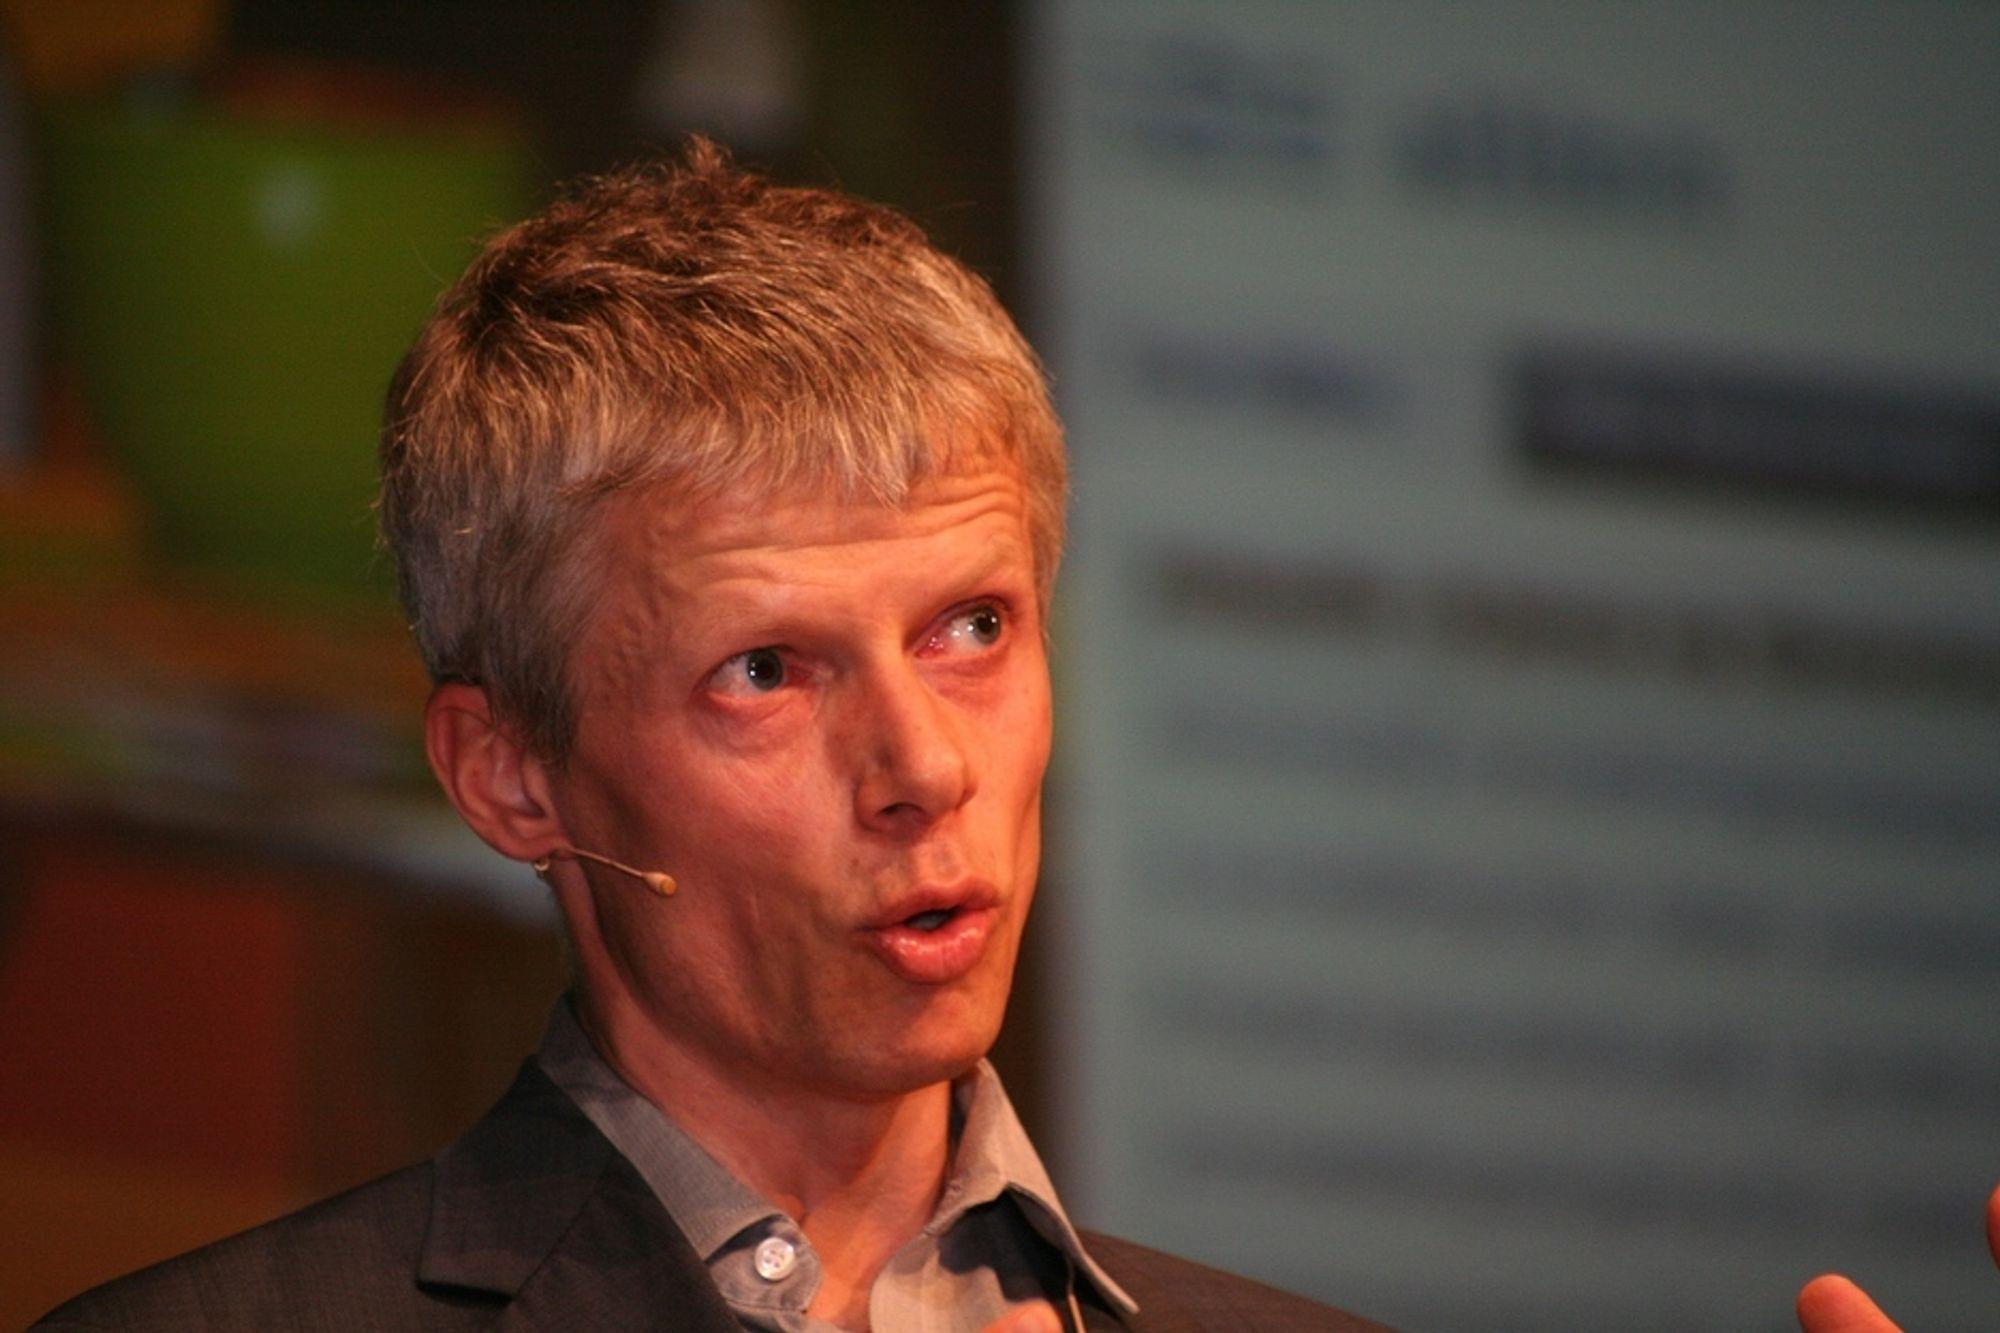 HØST: Difi-direktør Hans Christian Holte tar sikte på at en felles påloggingsløsning kommer i gang for alvor utpå høsten.